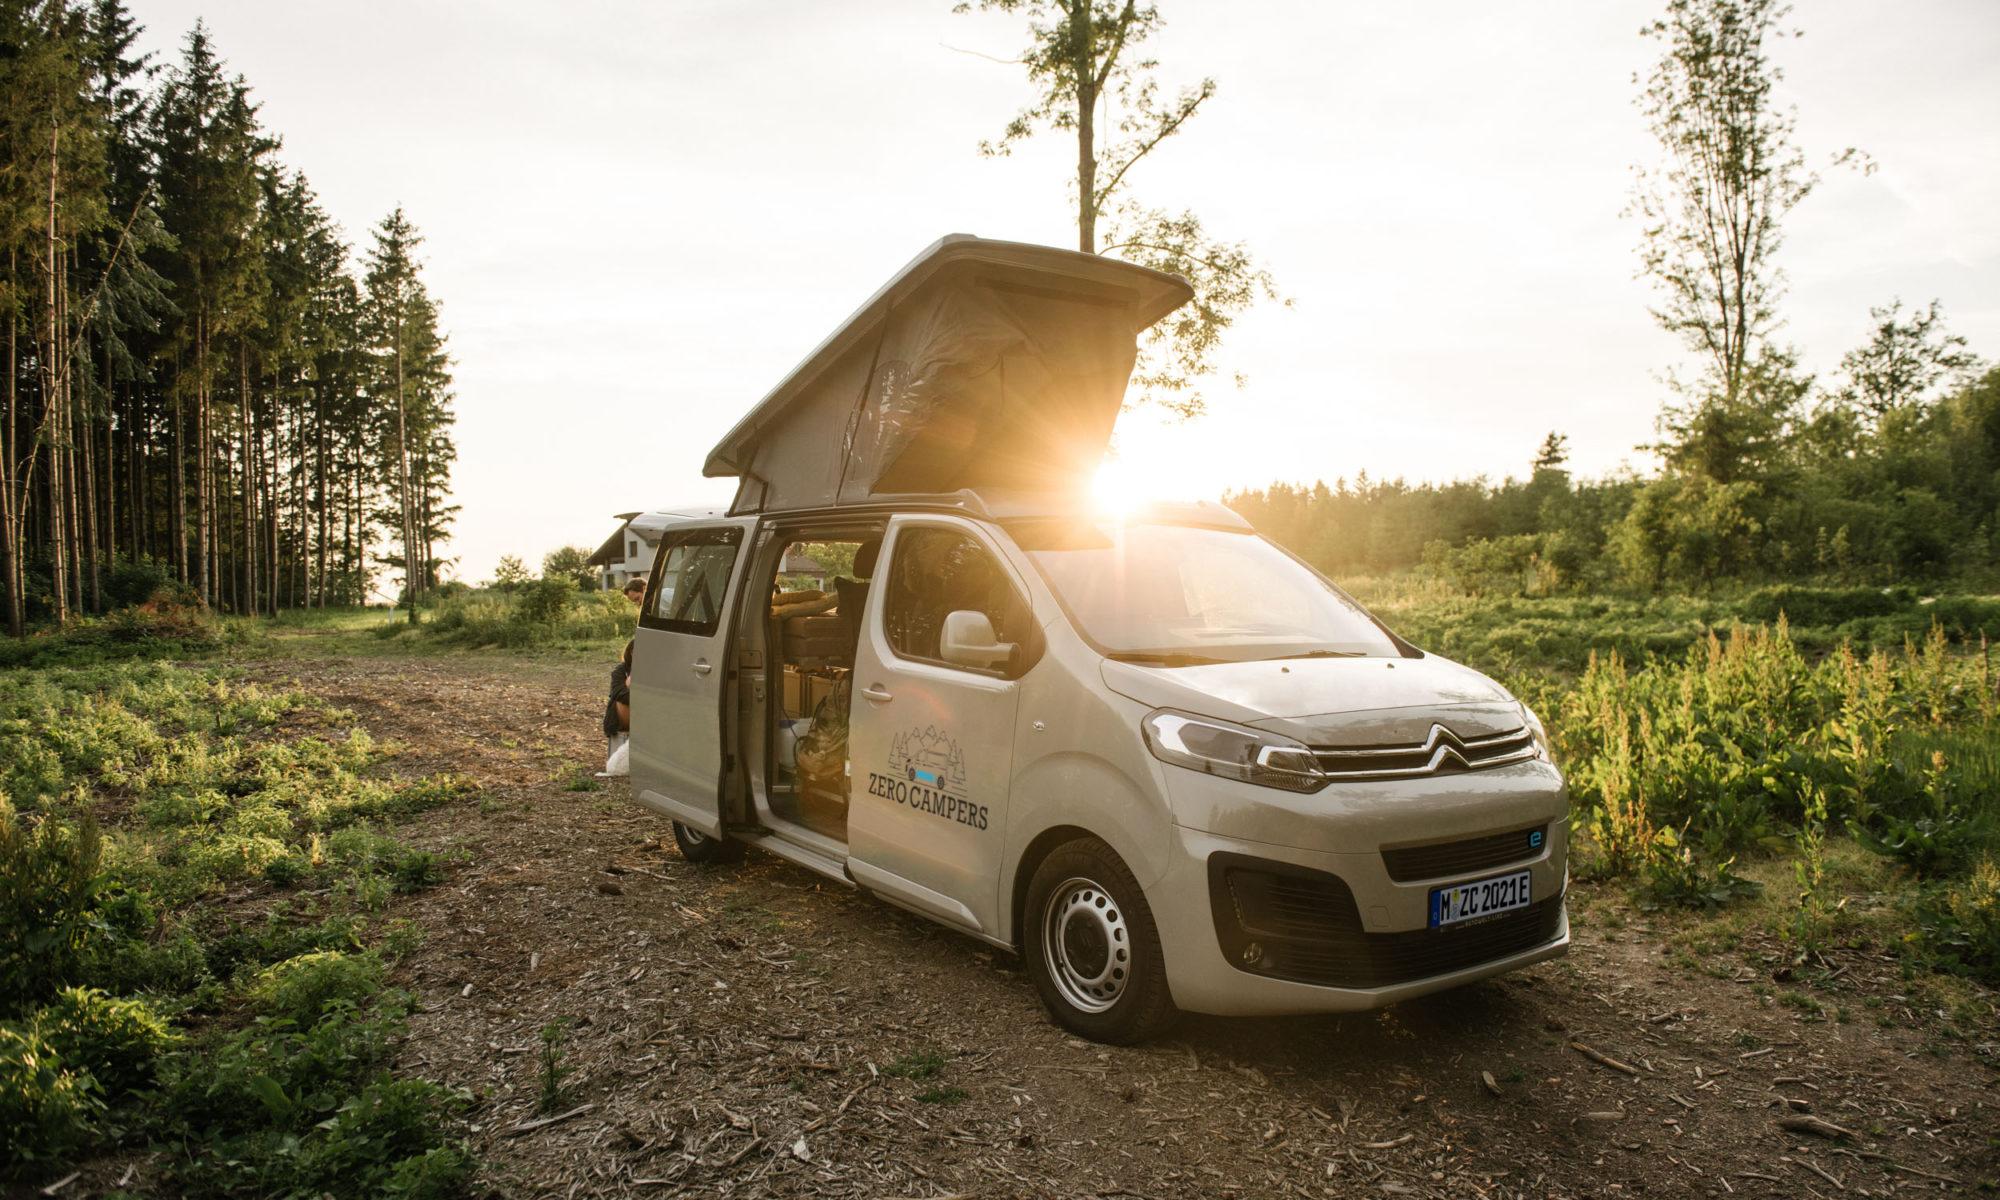 Zero Campers Citroen e-Space Tourer